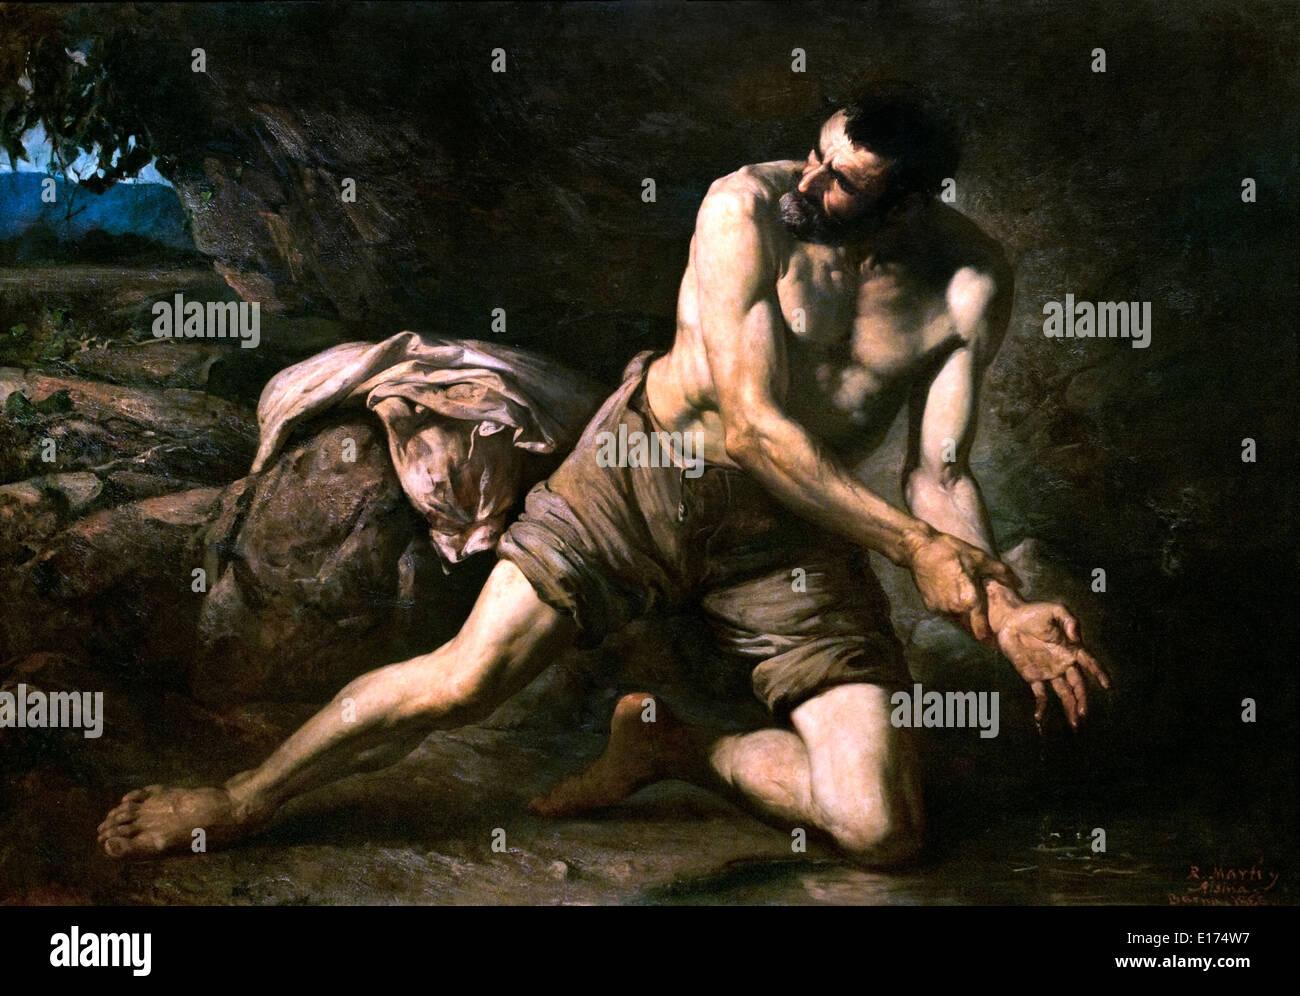 """Il criminale. """"Il marchio del crimine"""" 1866 Ramon Martí i Alsina 1826-1894 Spagna - Spagnolo Immagini Stock"""